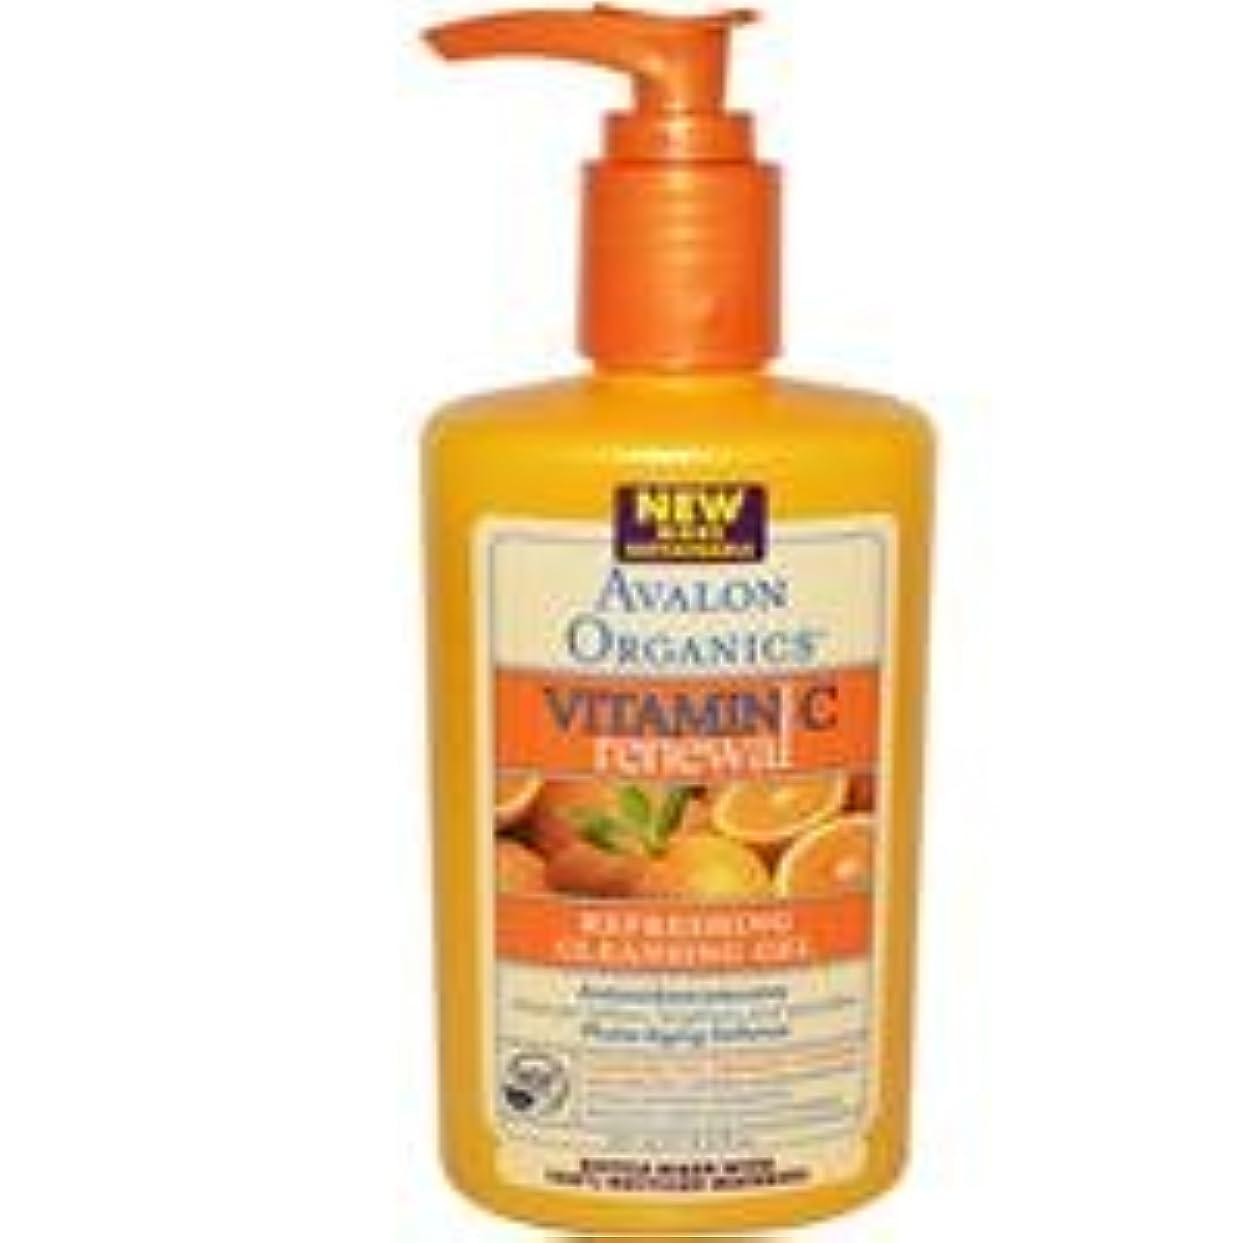 テロ兵士酸化する[海外直送品] アバロンオーガニック(Avalon Organics)    ビタミンC クレンジング ジェル 251ml